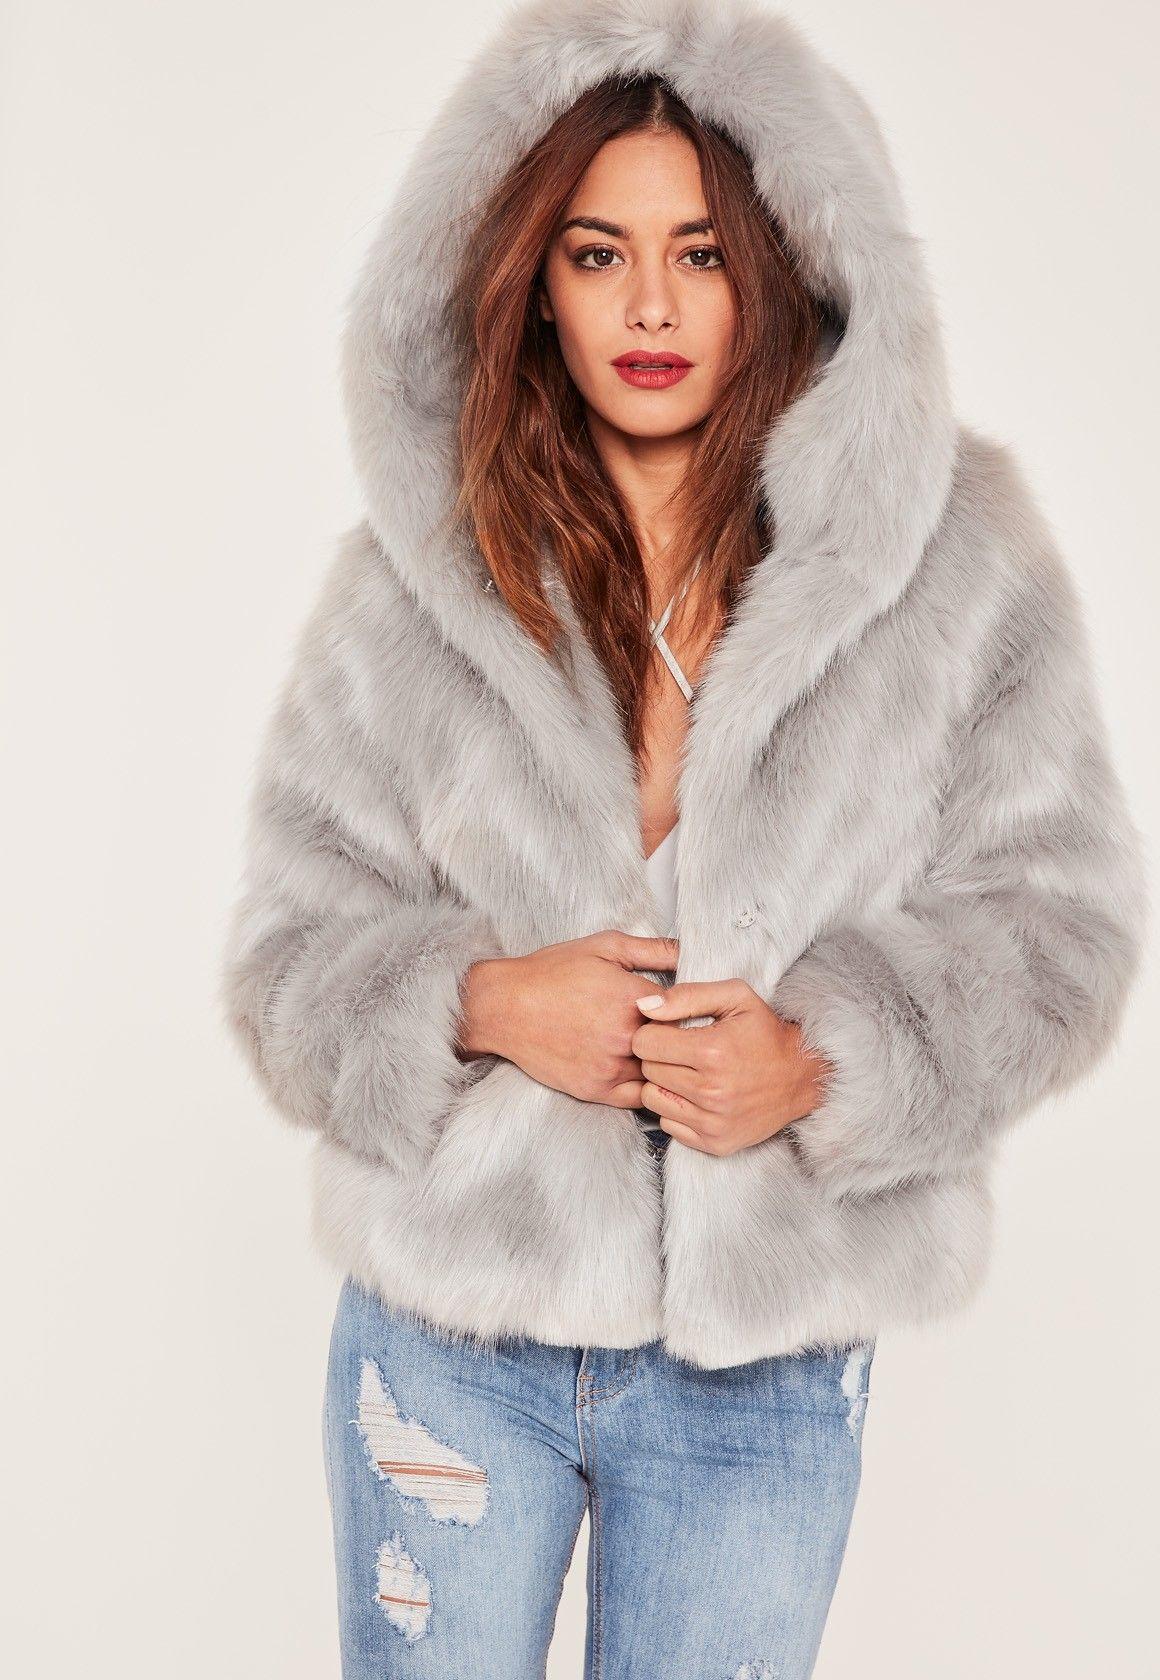 7a5b8dff968 Missguided - Manteau en fausse fourrure grise à capuche Caroline Receveur